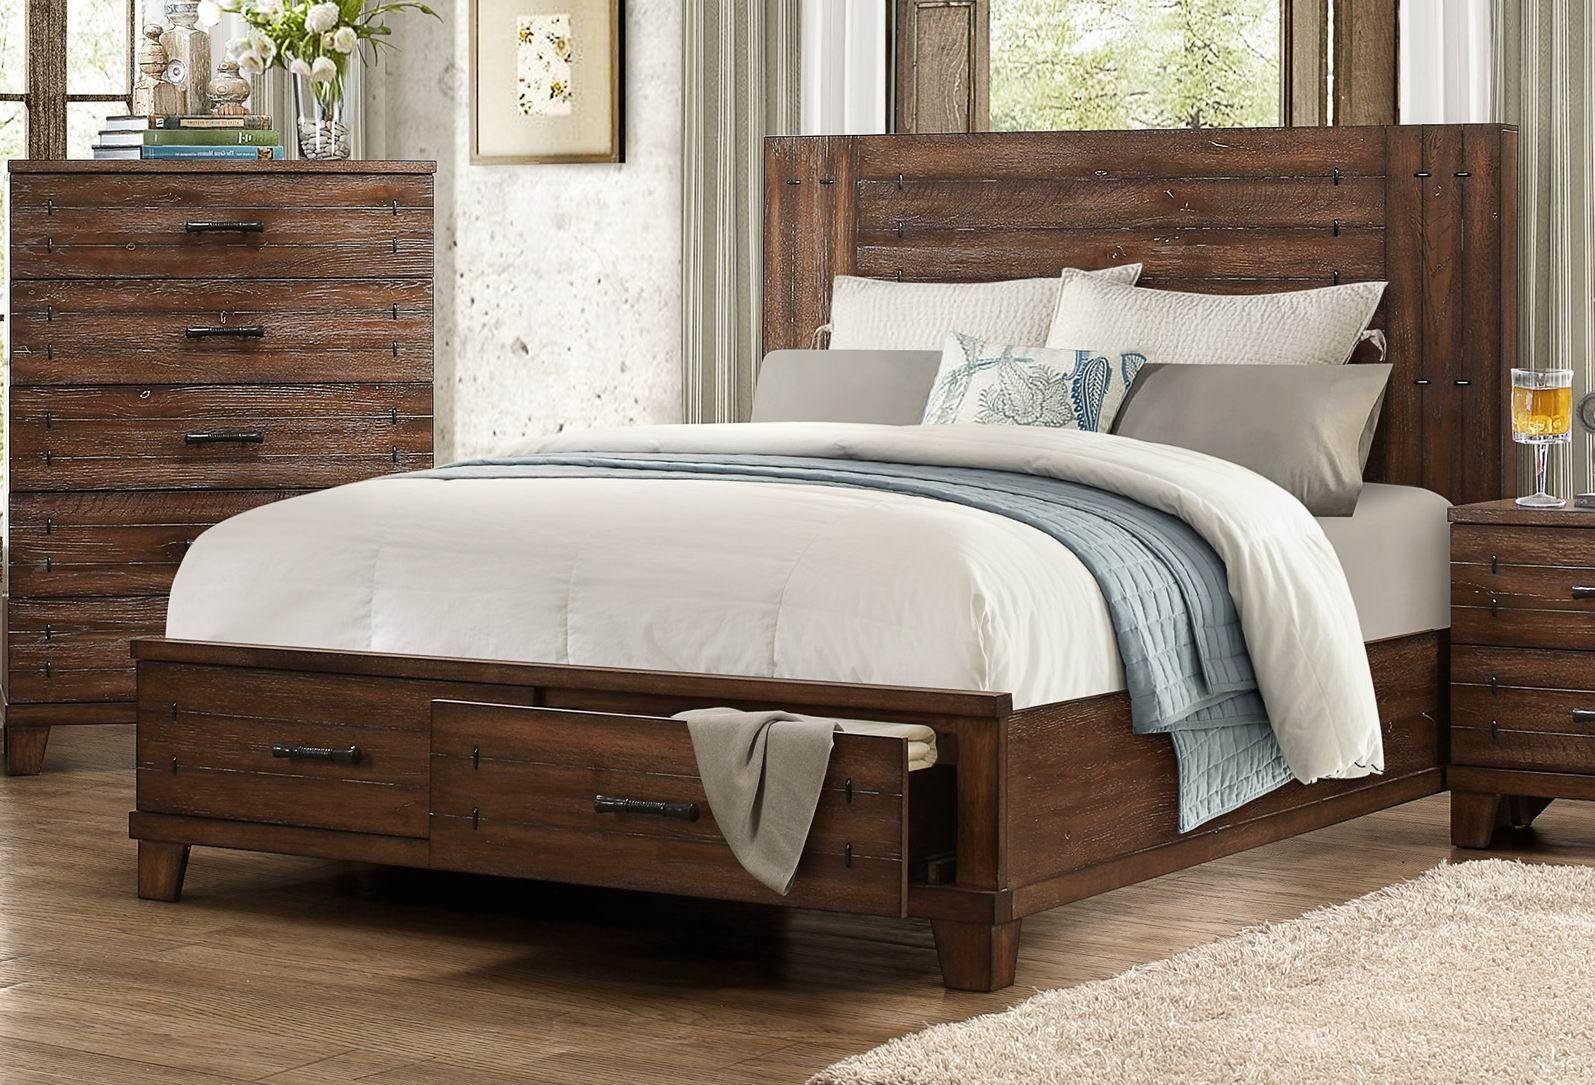 Wood Storage Bed : Brazoria natural wood queen platform storage bed from